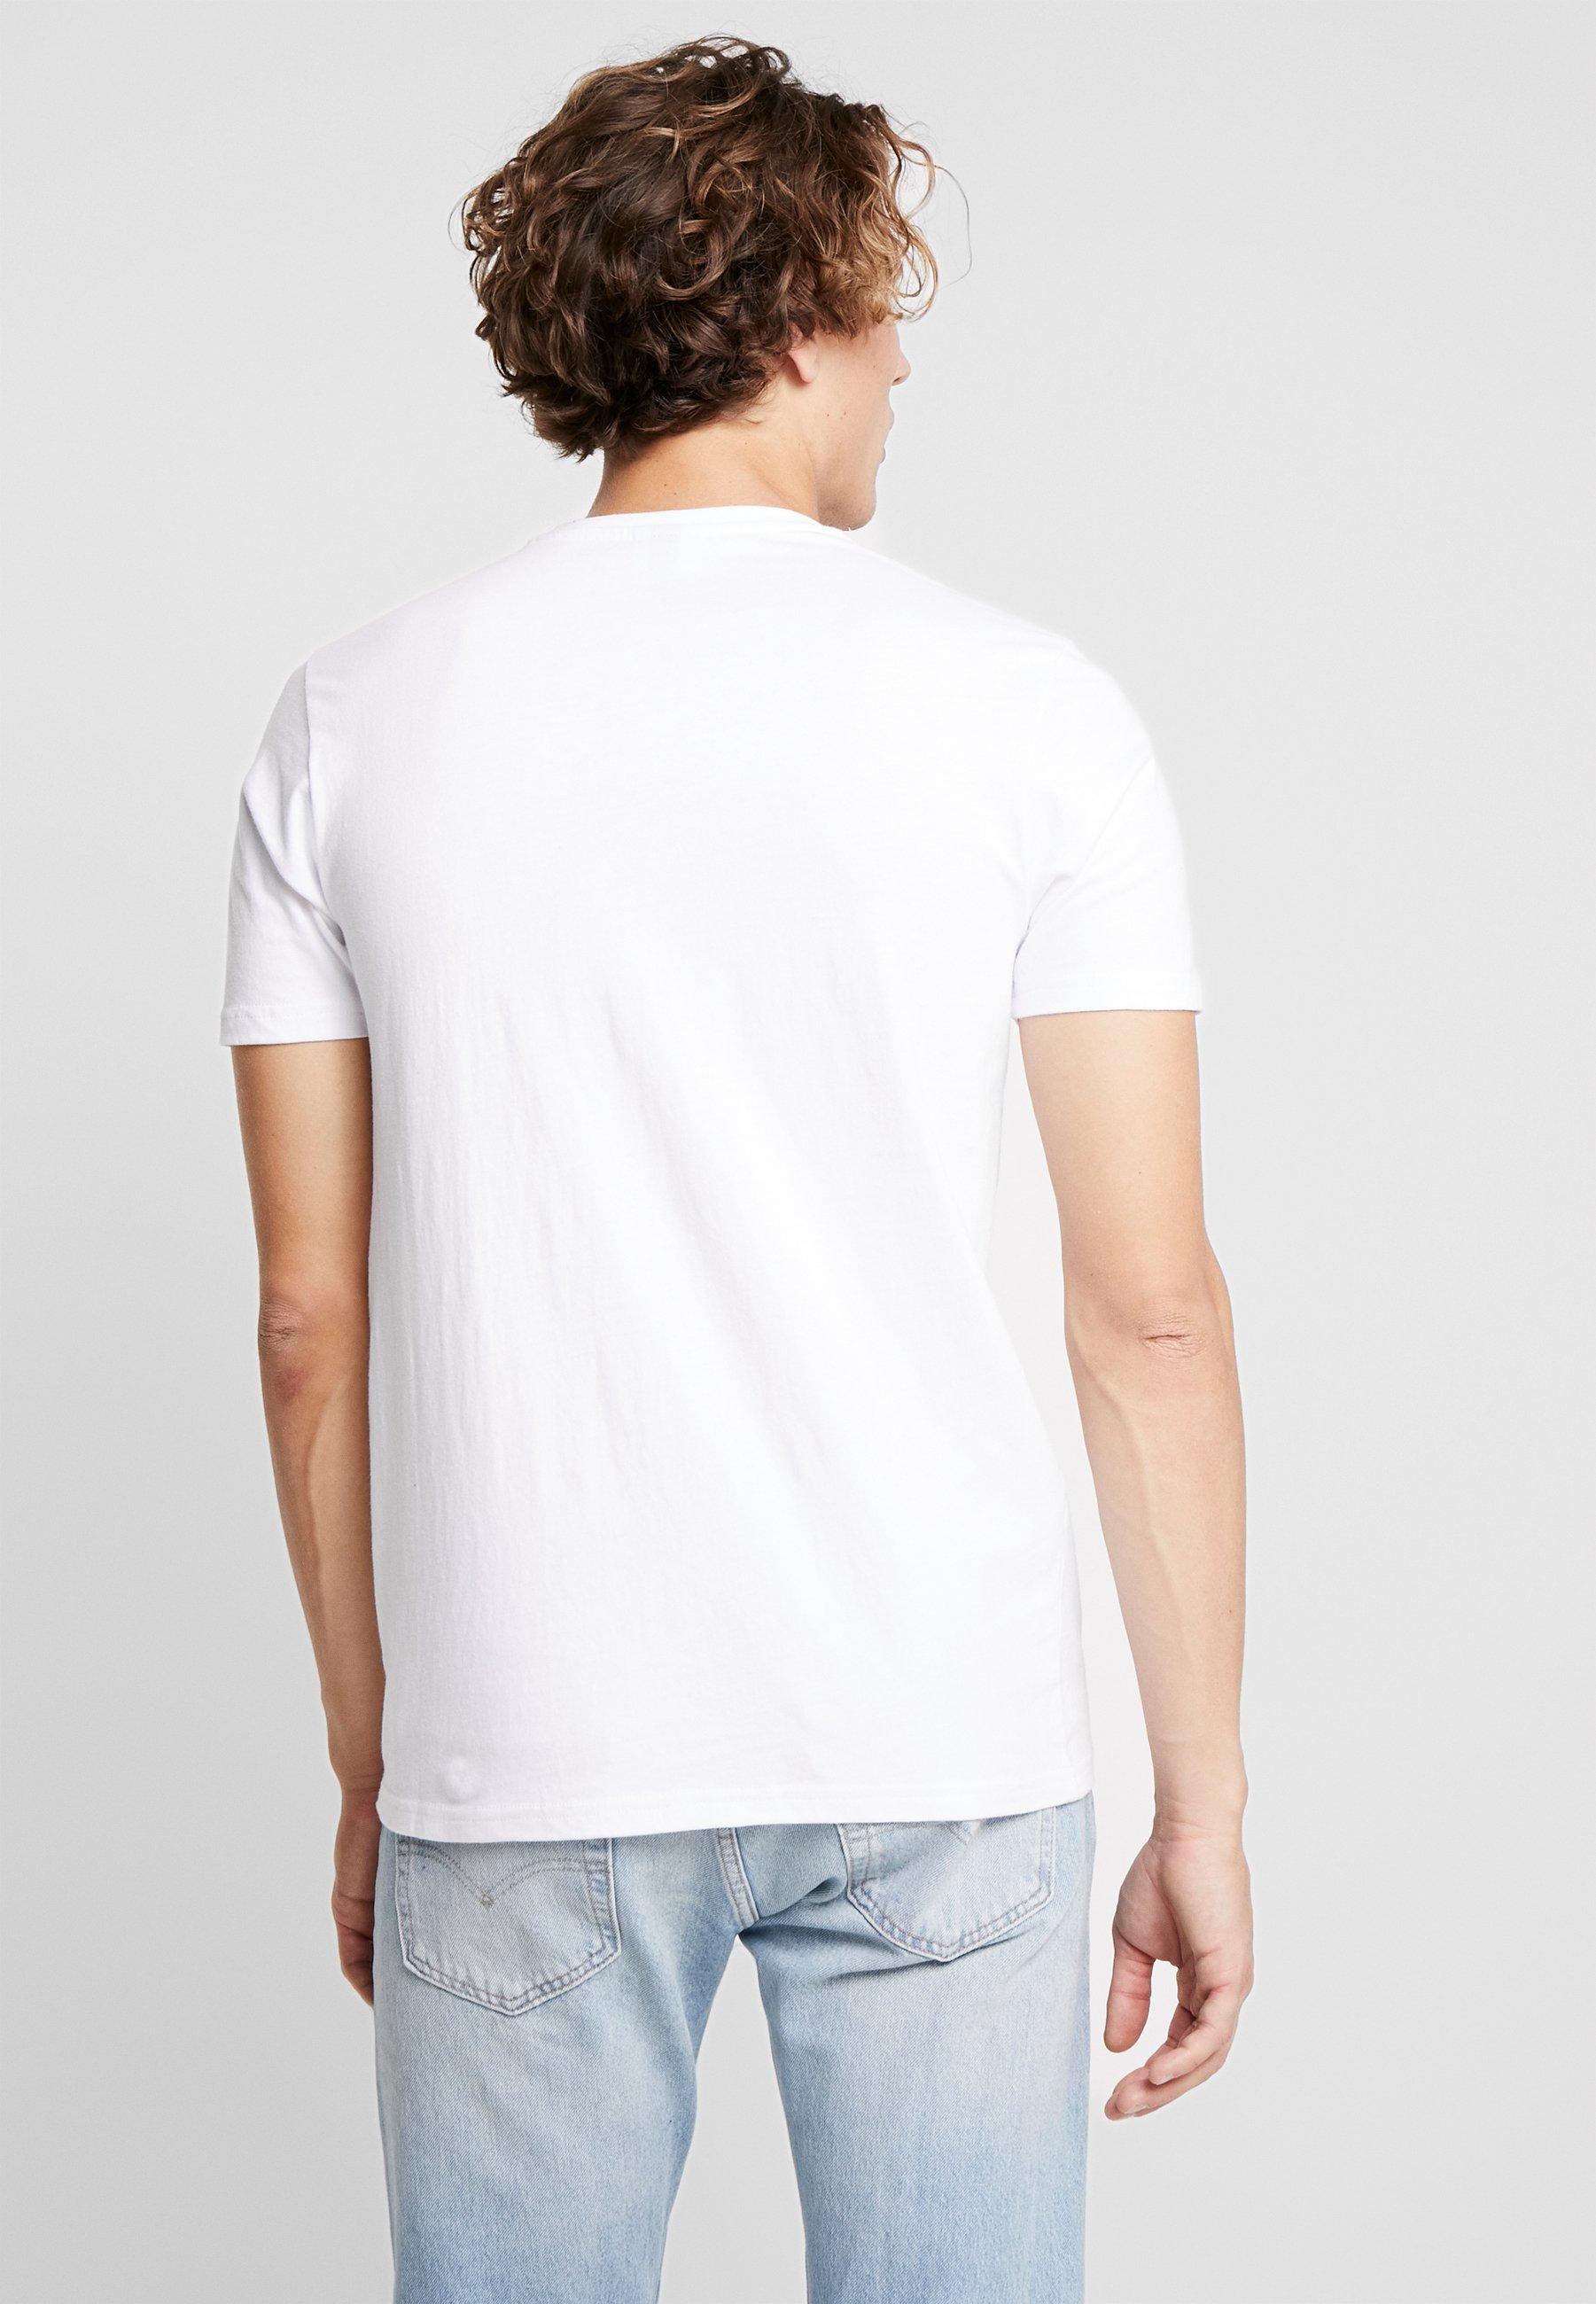 ImpriméWhite ImpriméWhite shirt Ellesse shirt T Ellesse Ellesse T HE9WD2I